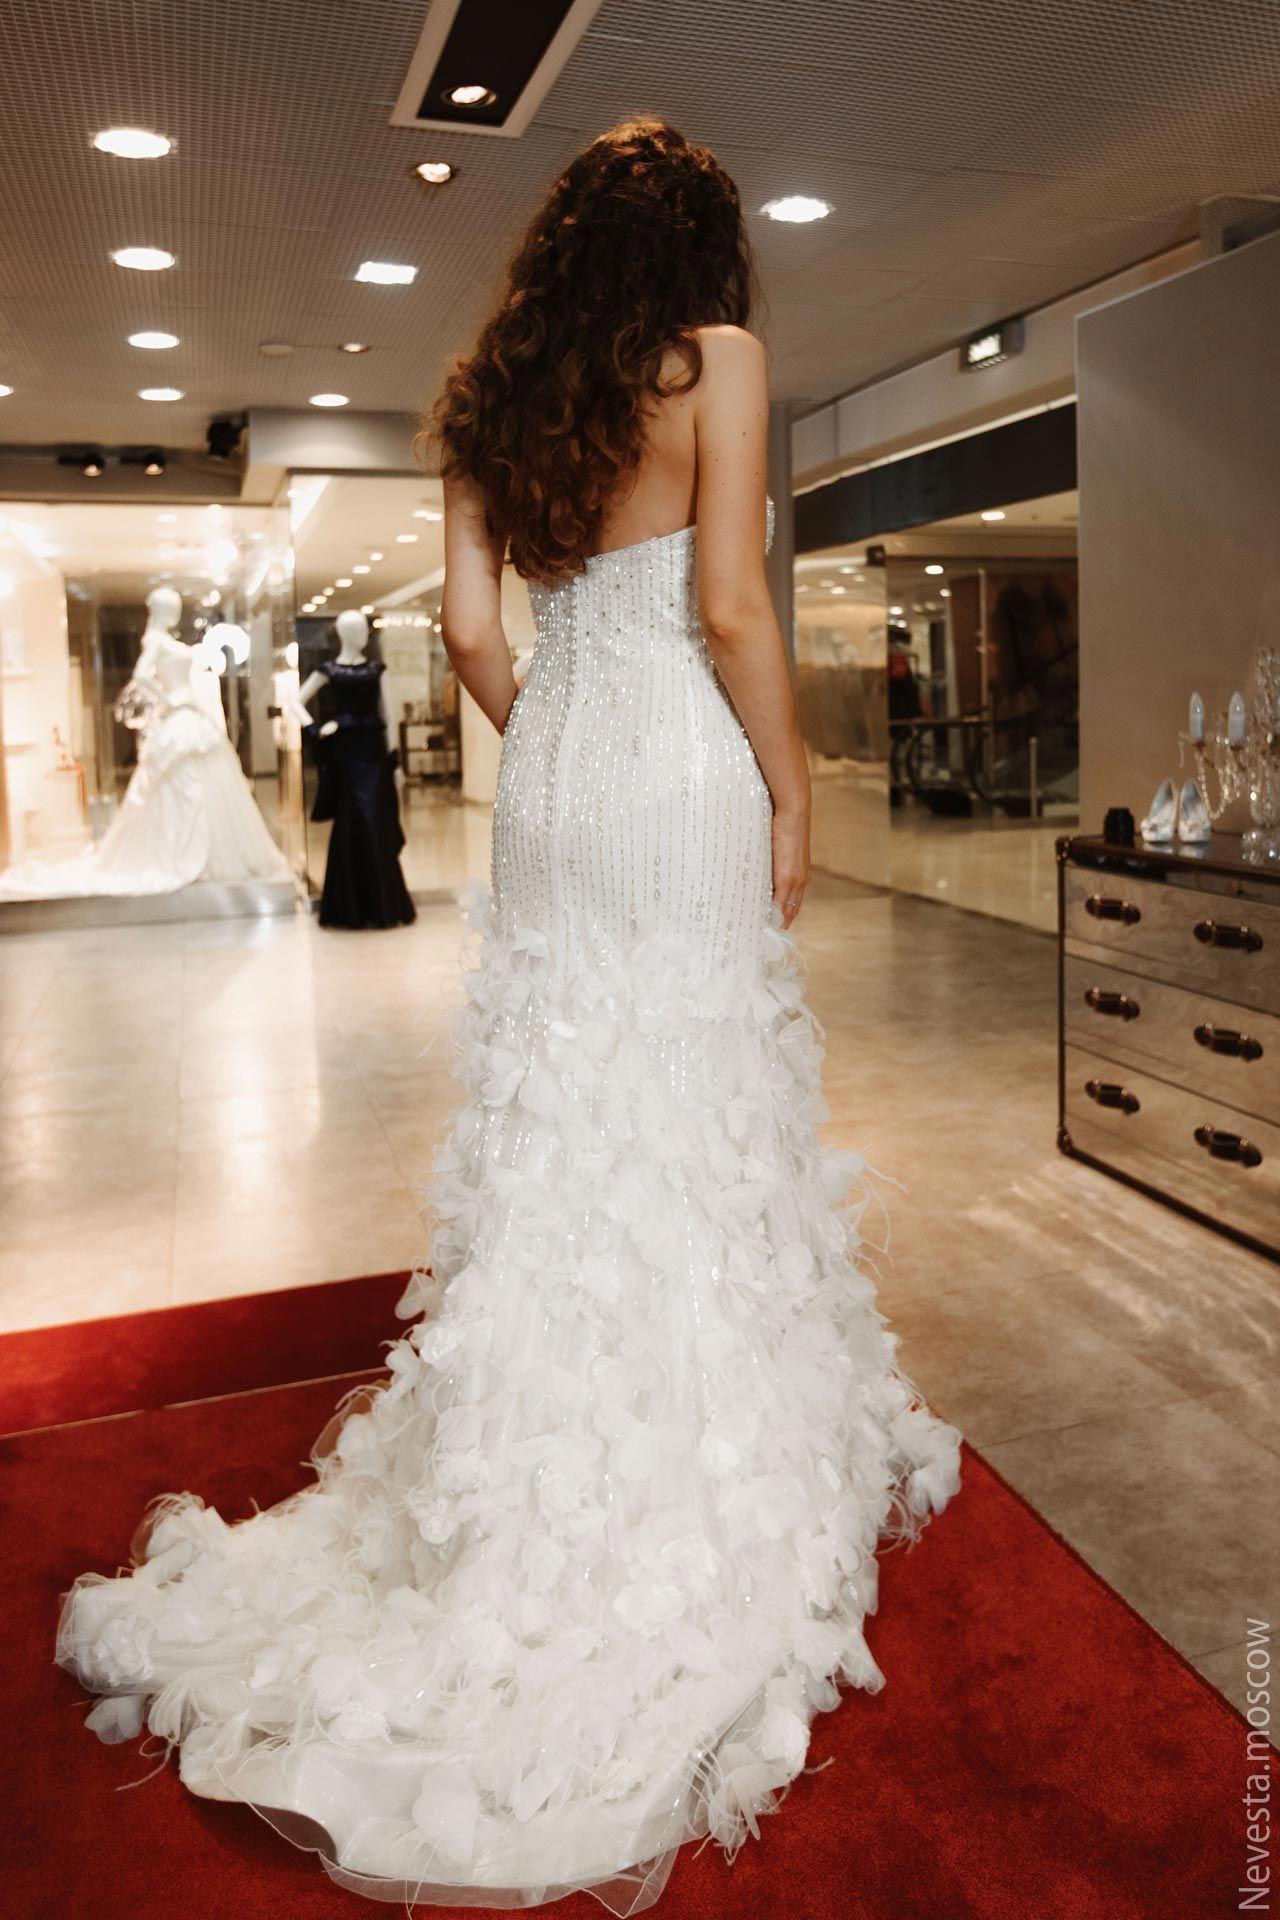 Рената Байкова примеряет свадебное платье фото 4